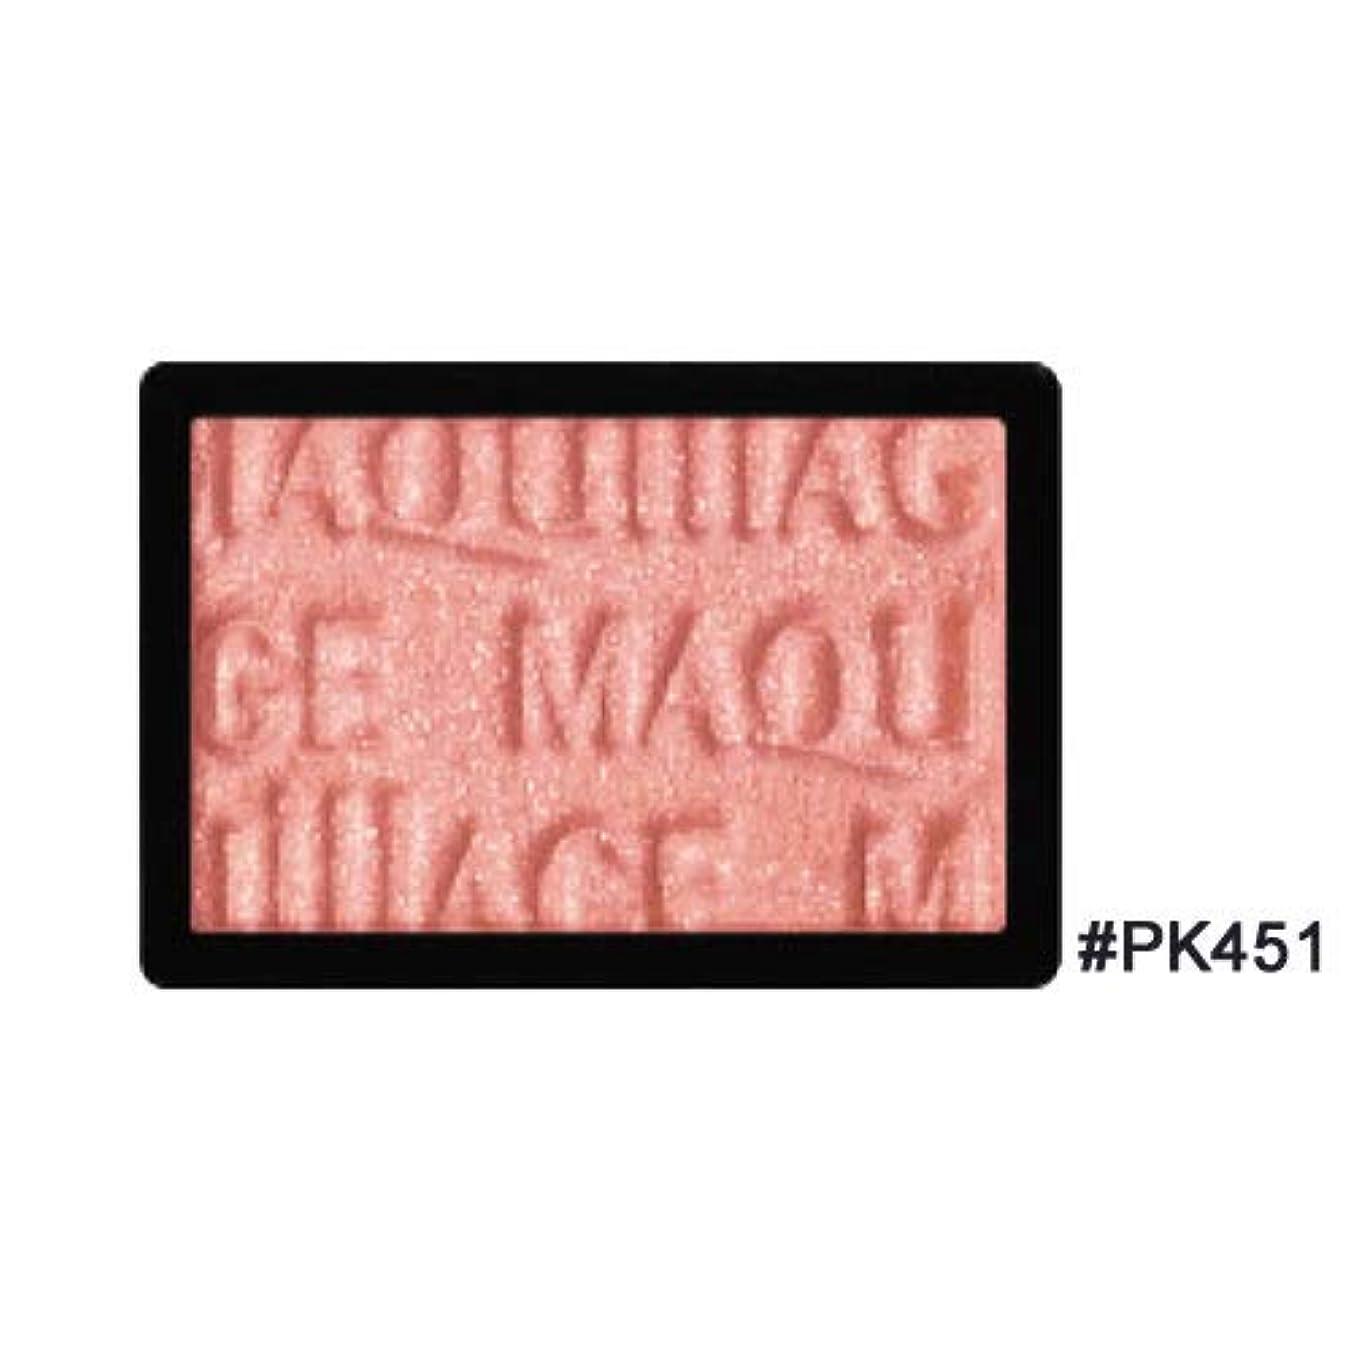 ラベンダー振るう閉じ込める資生堂 SHISEIDO マキアージュ アイカラー N (パウダー) レフィル #PK451 [並行輸入品]